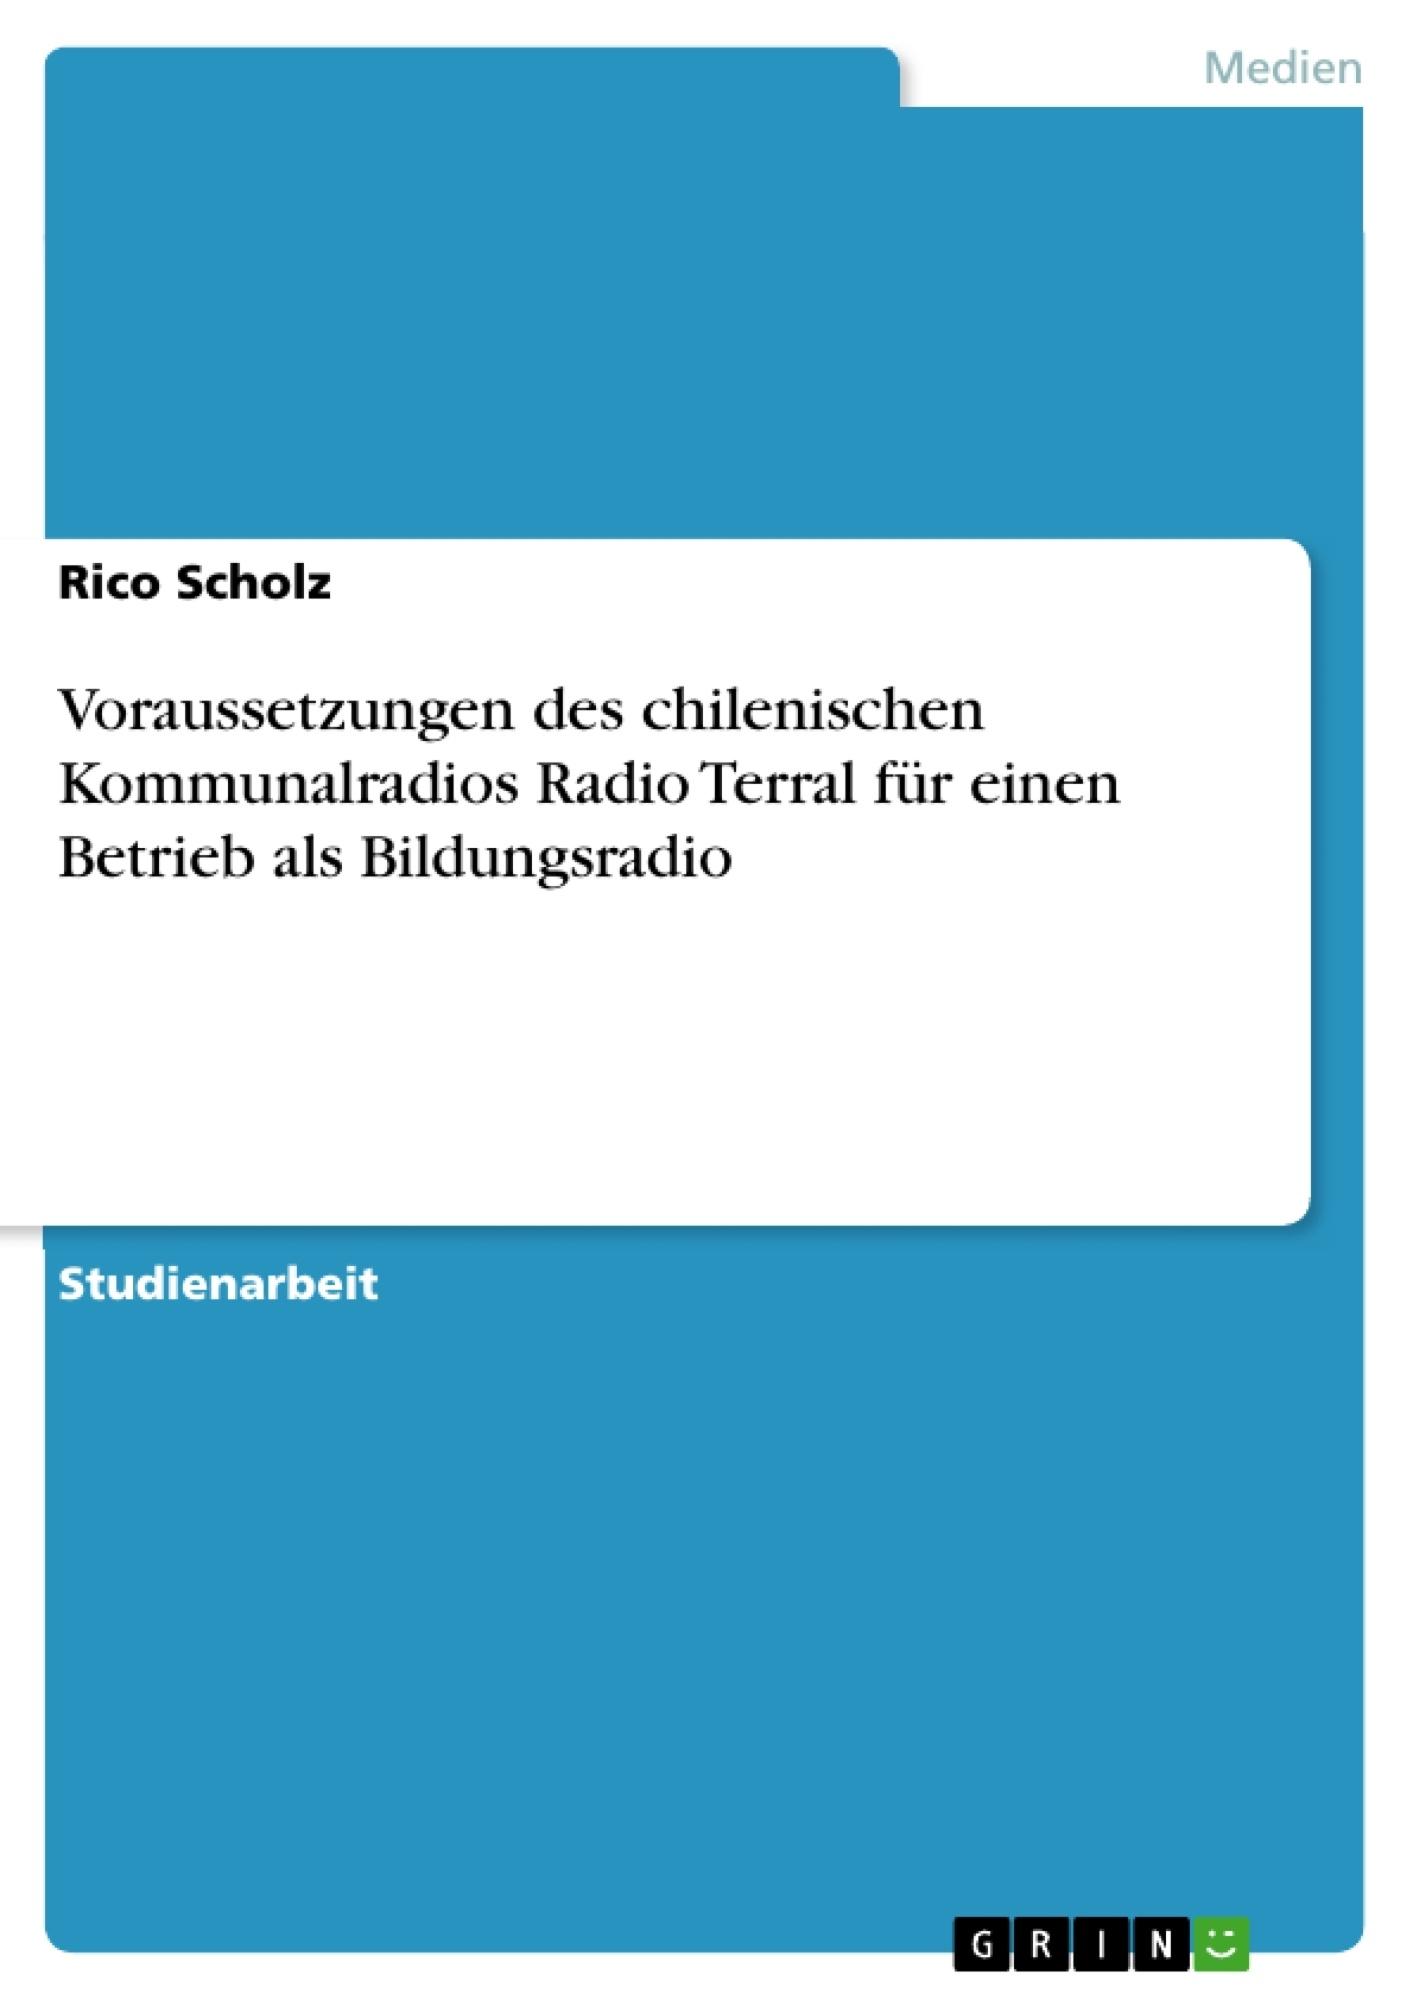 Titel: Voraussetzungen des chilenischen Kommunalradios Radio Terral für einen Betrieb als Bildungsradio